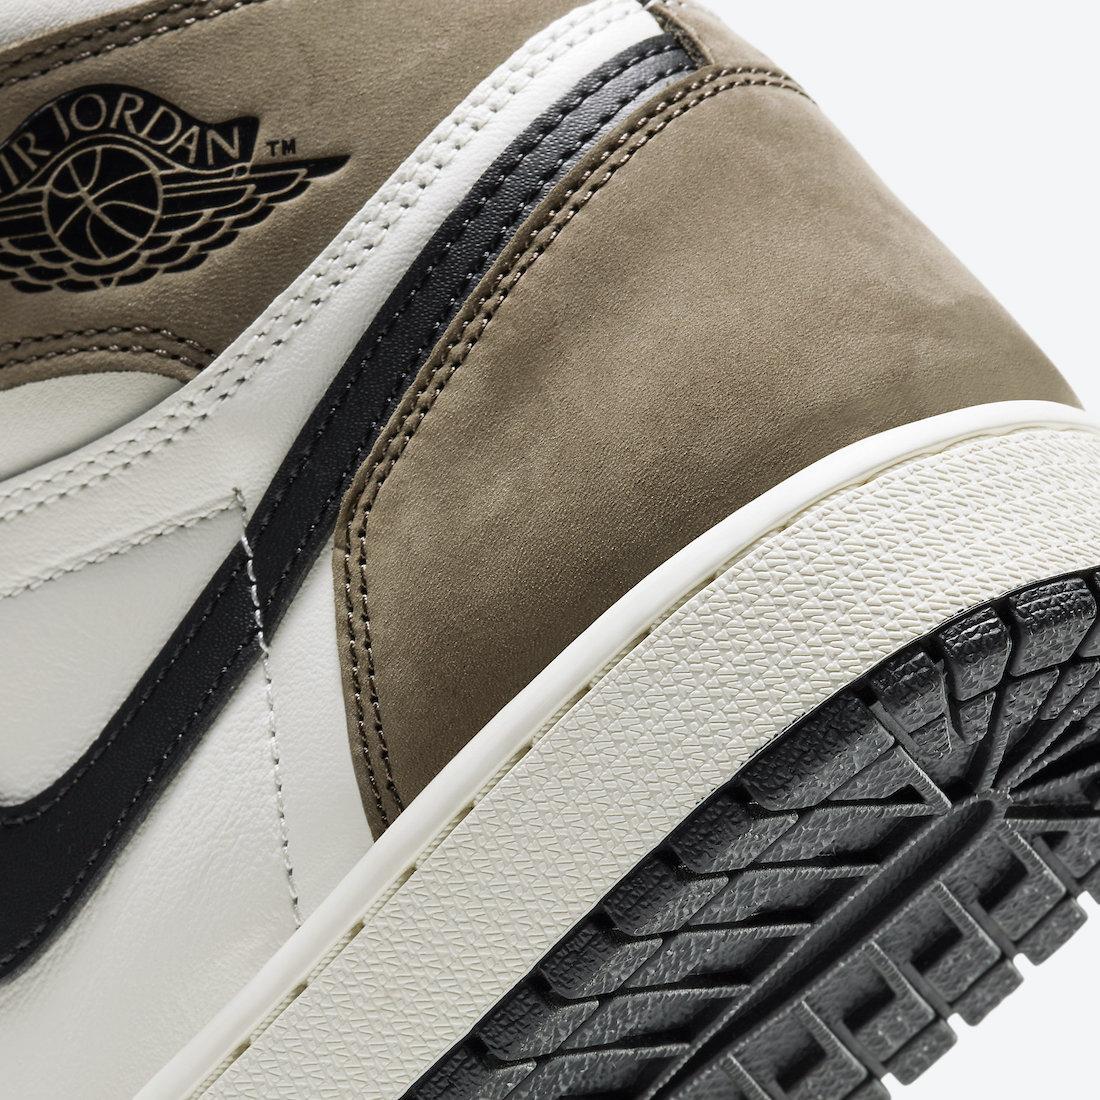 Air Jordan 1 'Dark Mocha' 555088-105 5